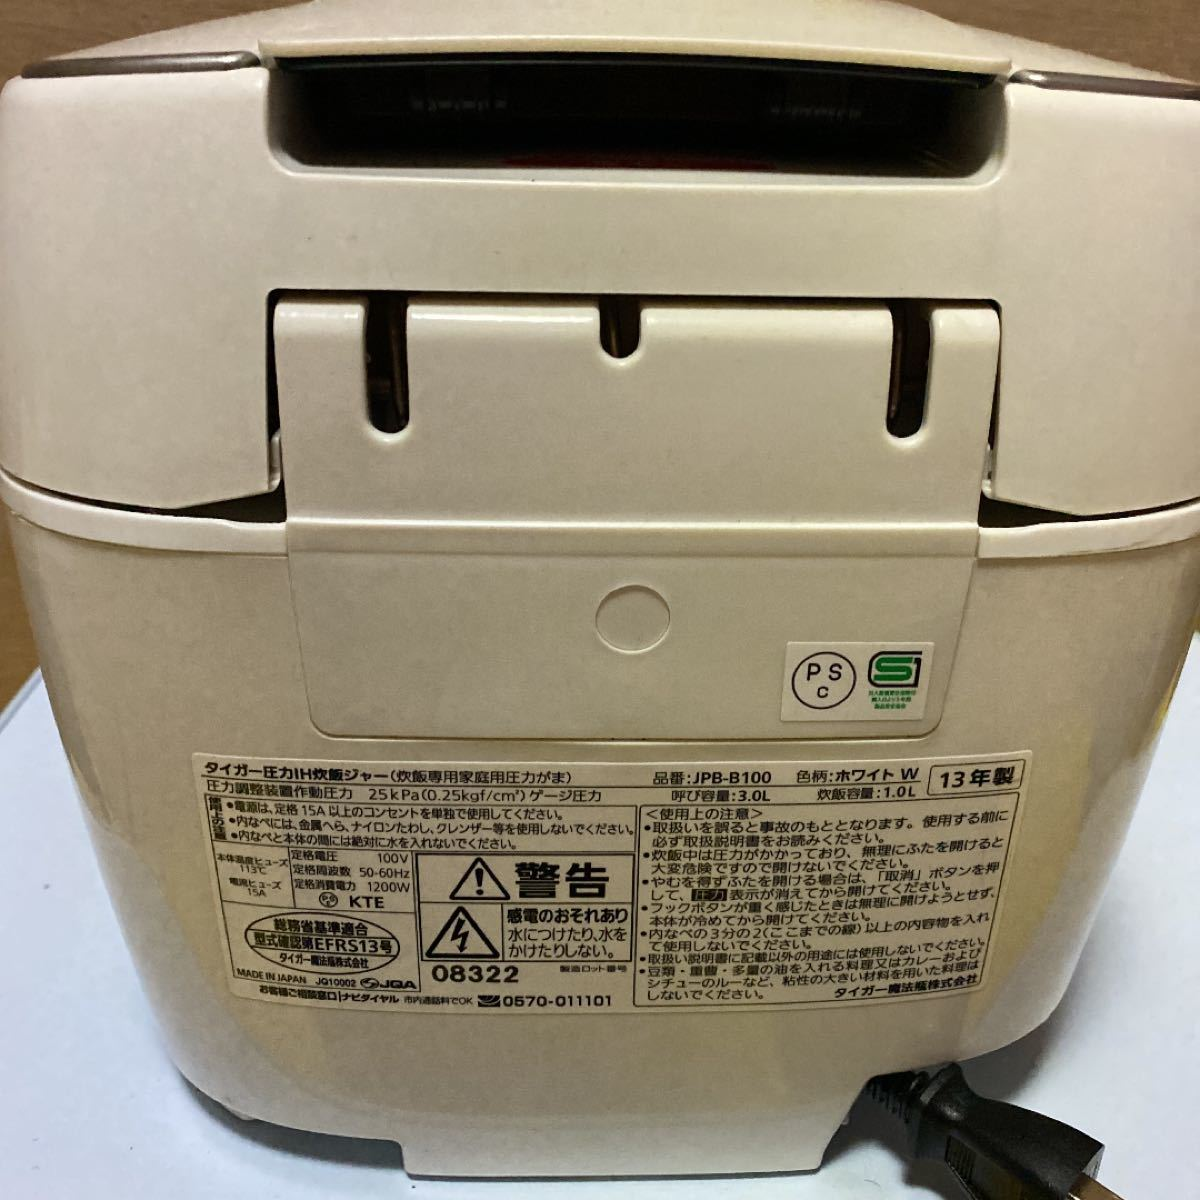 TIGER 圧力IH炊飯ジャー13年製5.5合